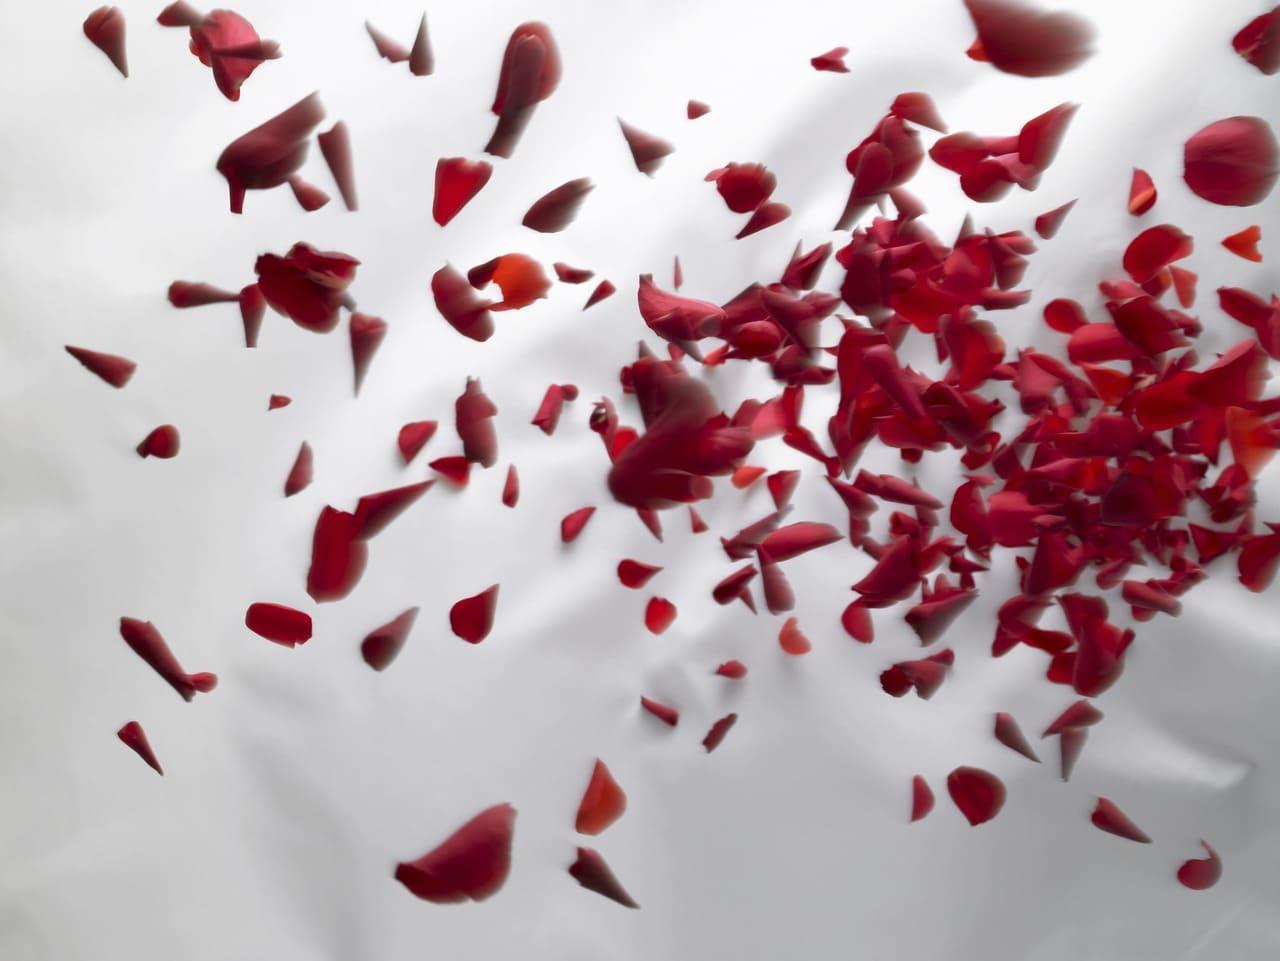 バラが飛び散っている(血が出ているイメージ)